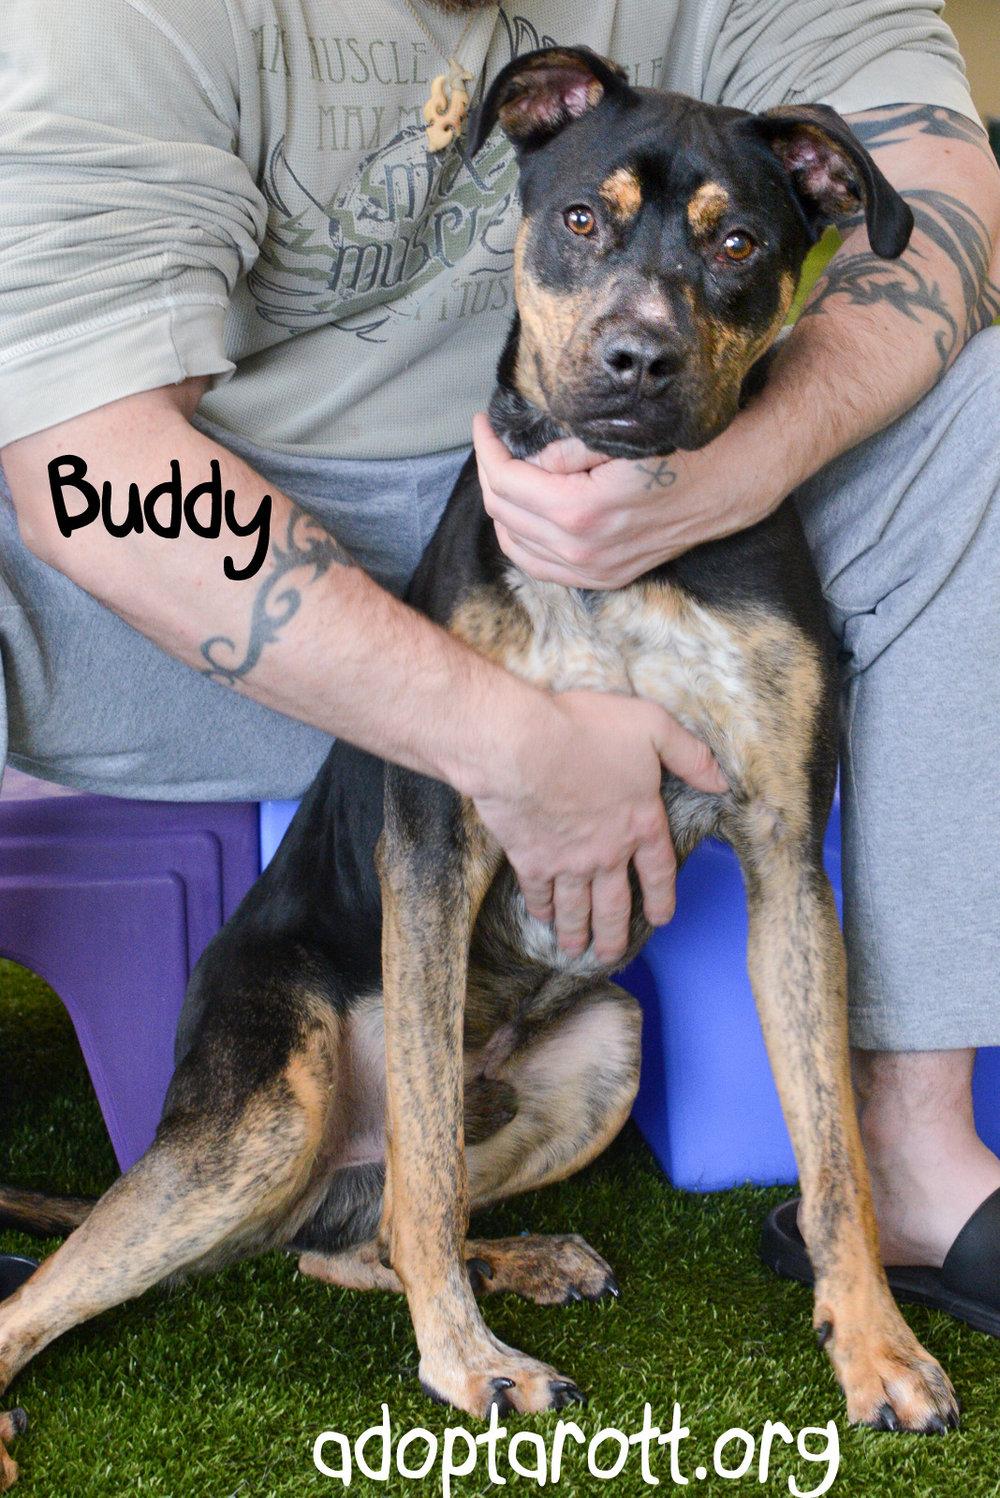 Buddy5.jpg